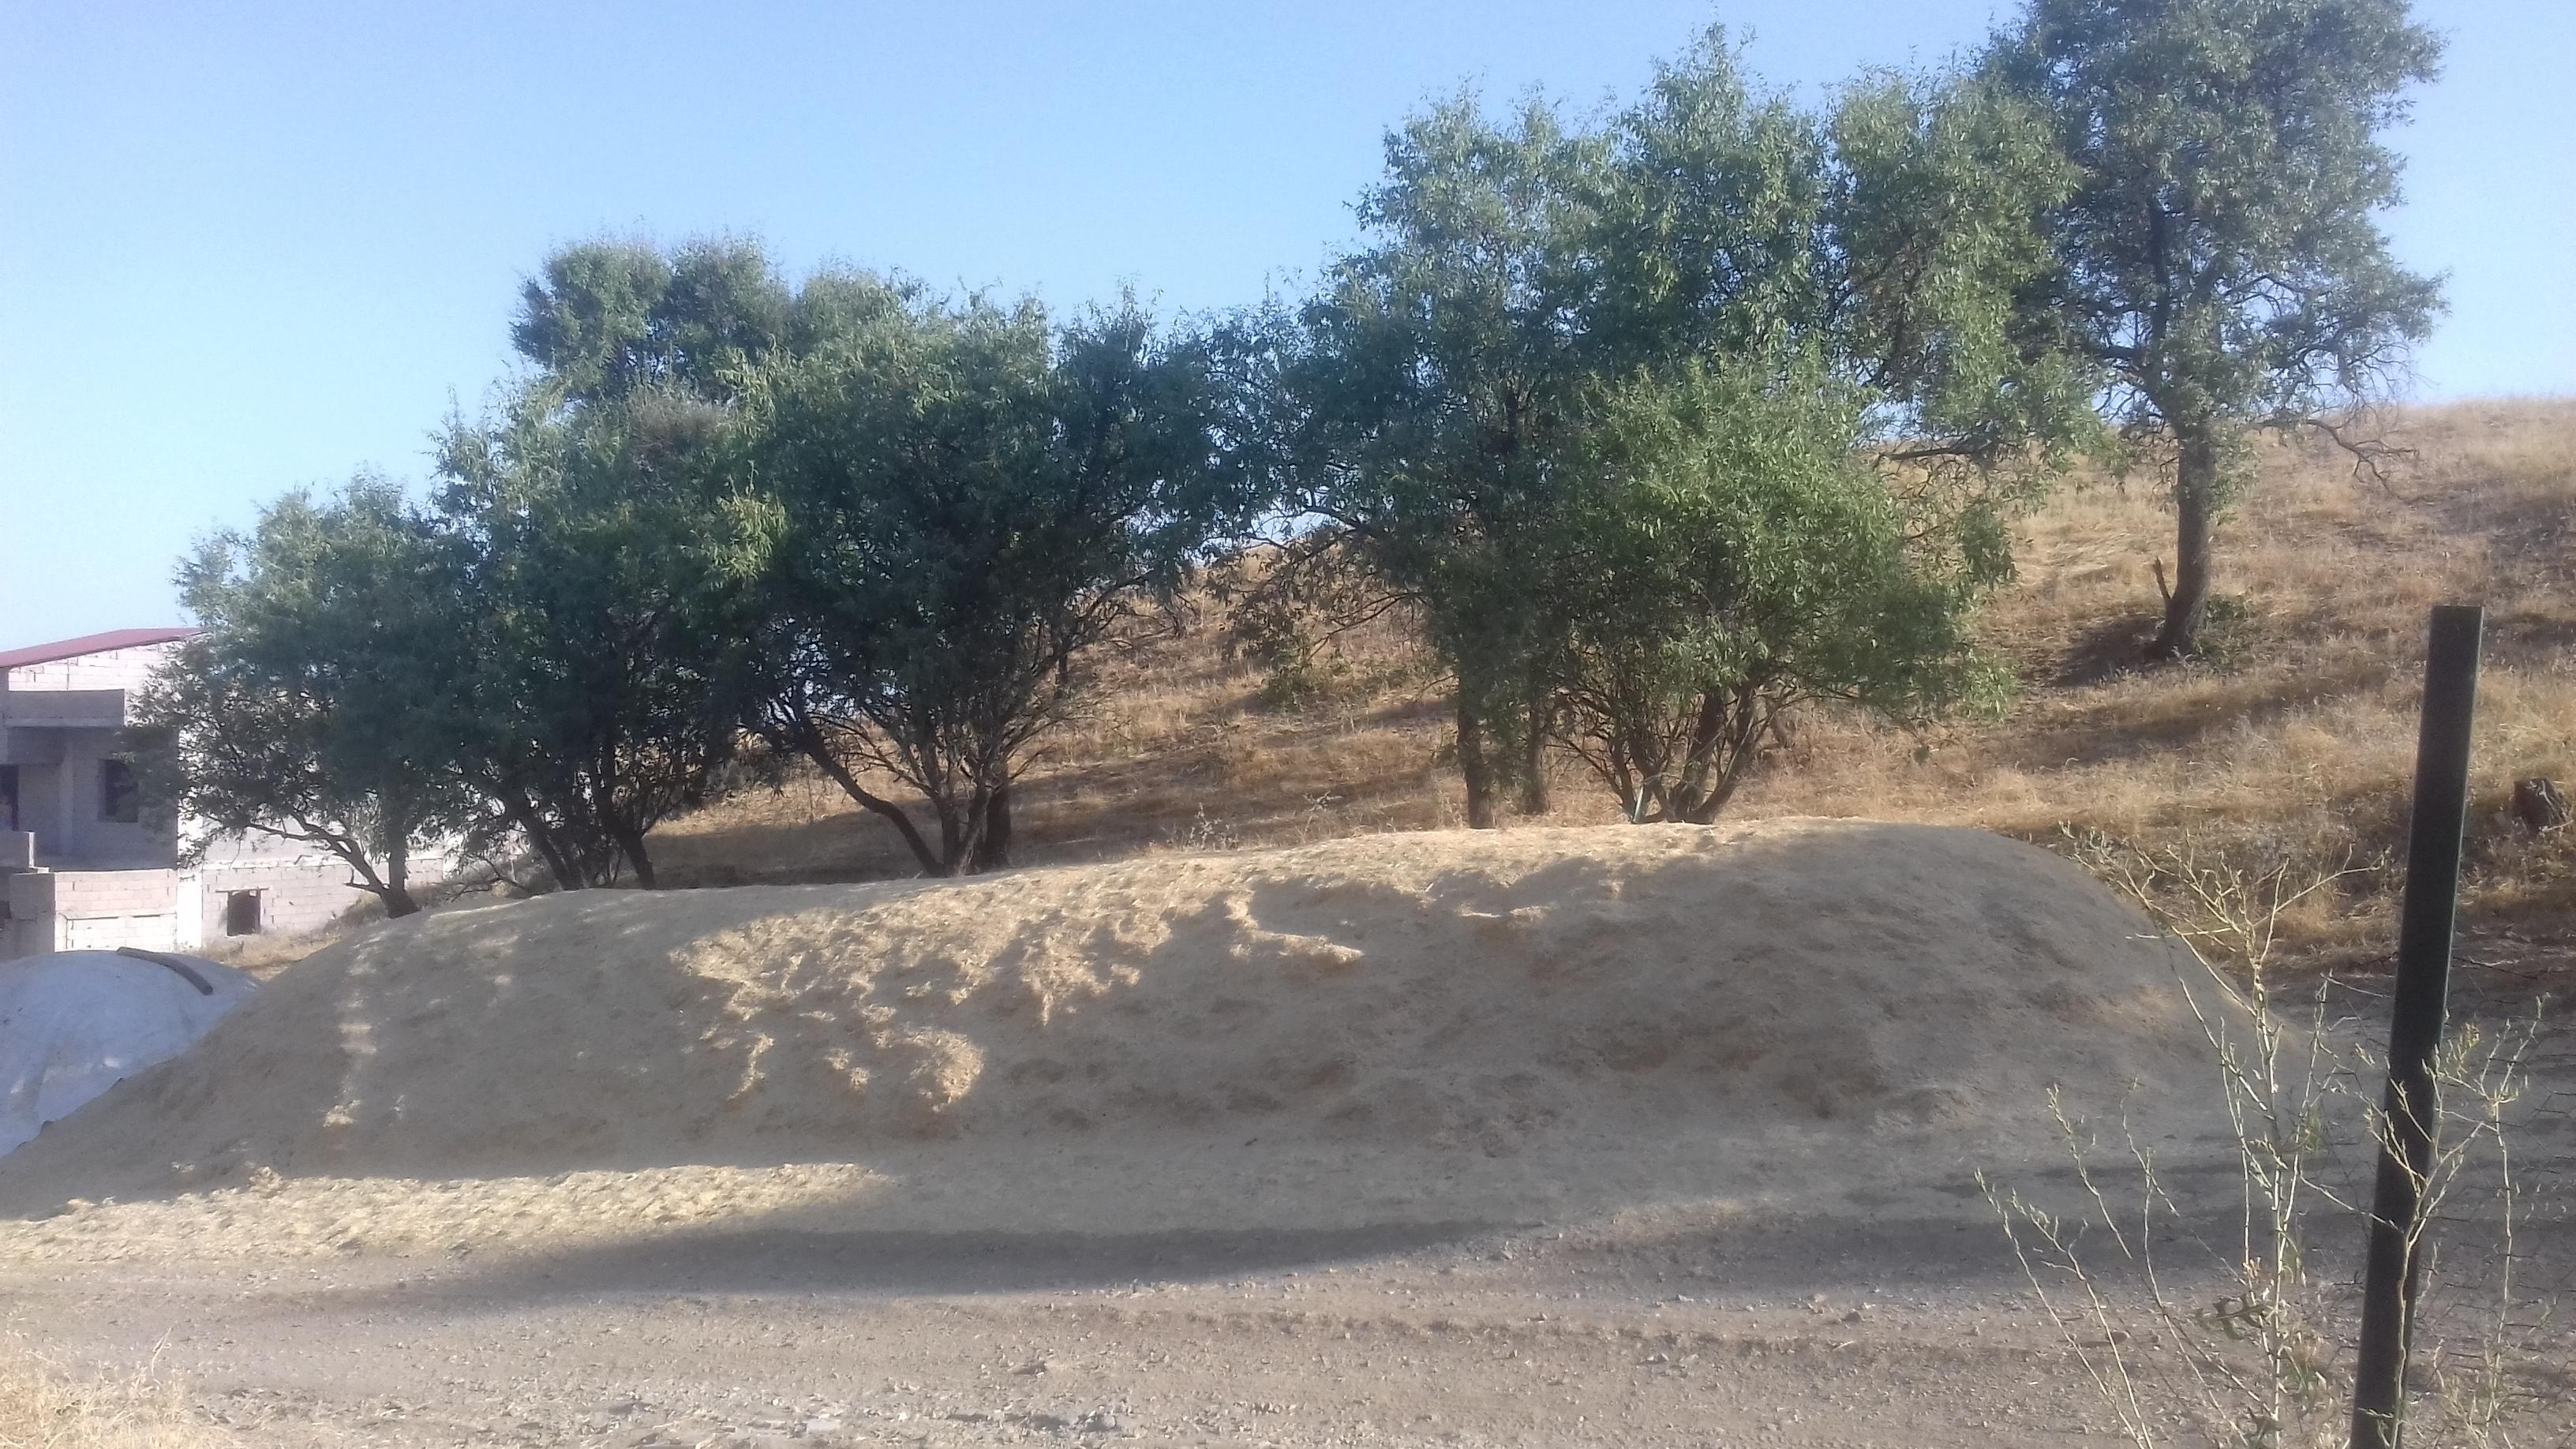 Buğday samanı - Üretici Yılmaz Ergun 750 tl fiyat ile 30 kilogram buğday samanı  satmak istiyor